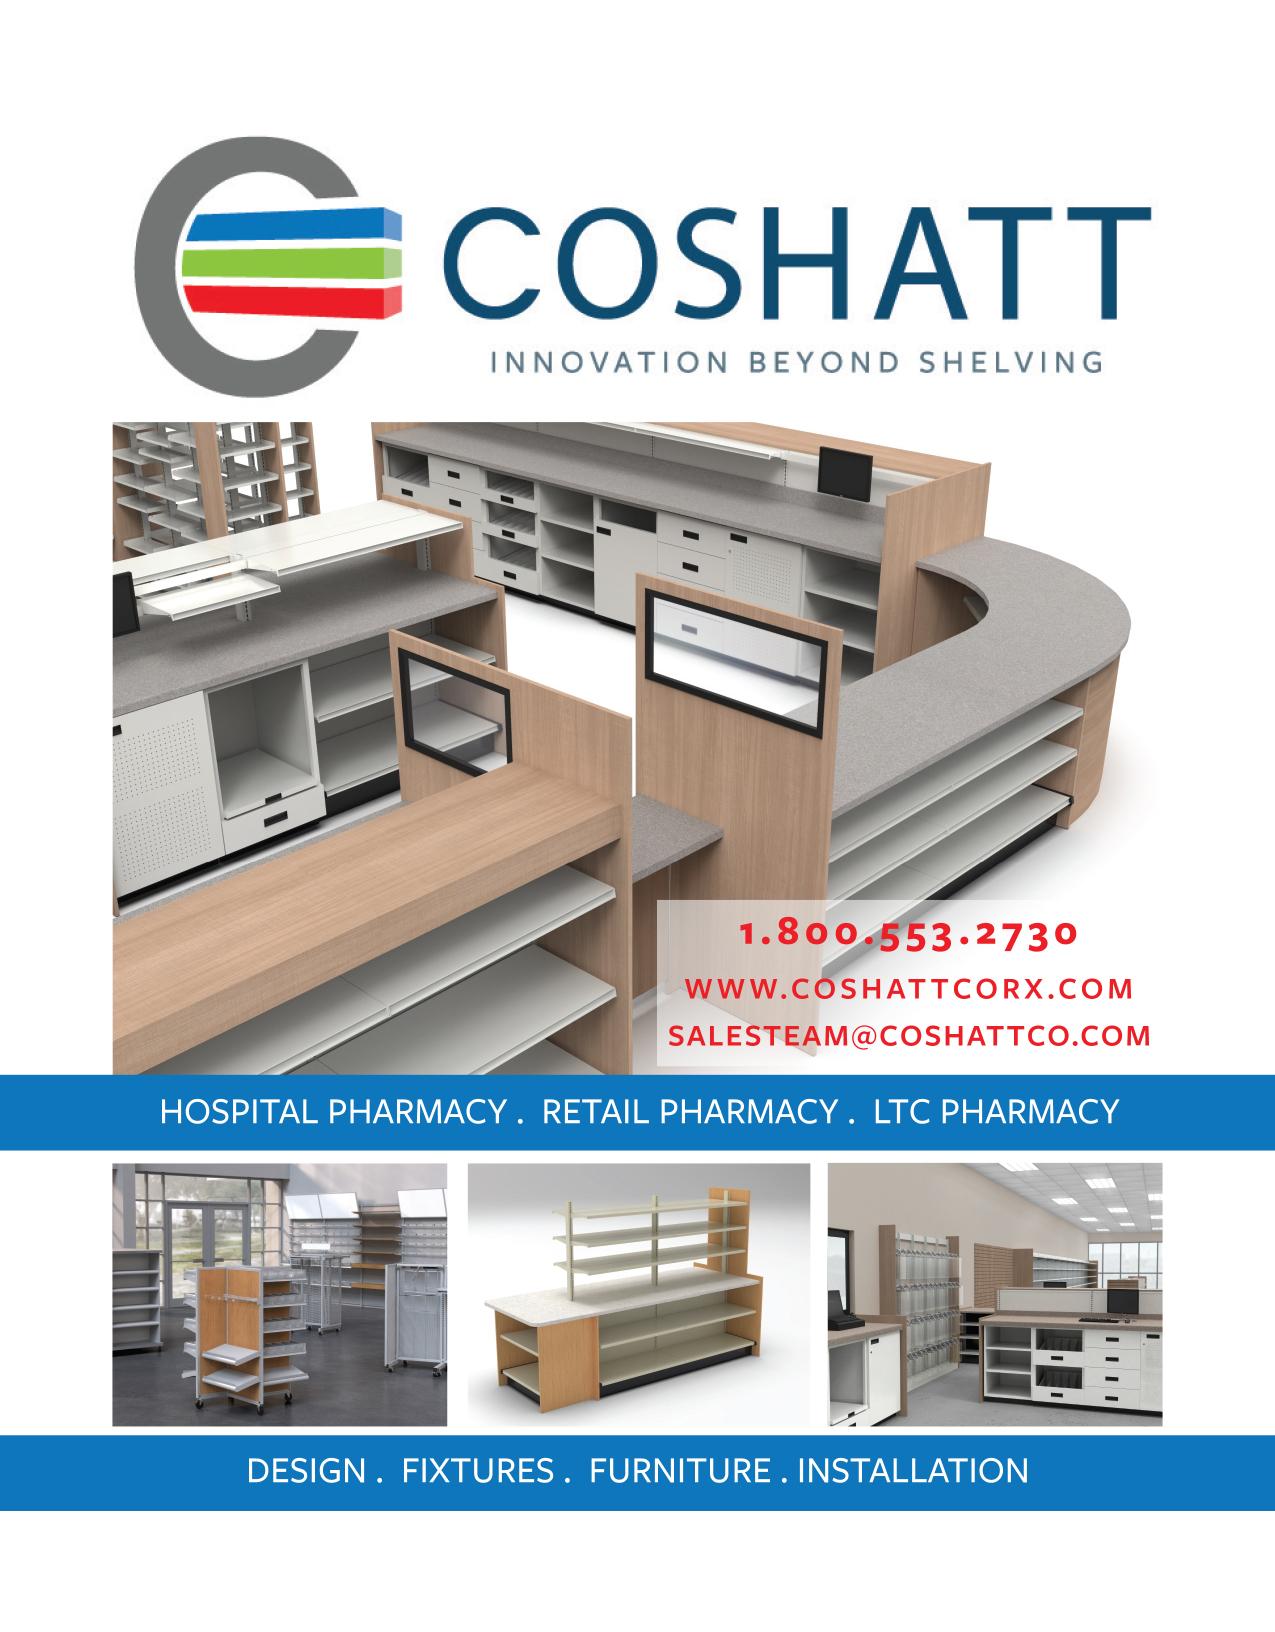 COSHATT